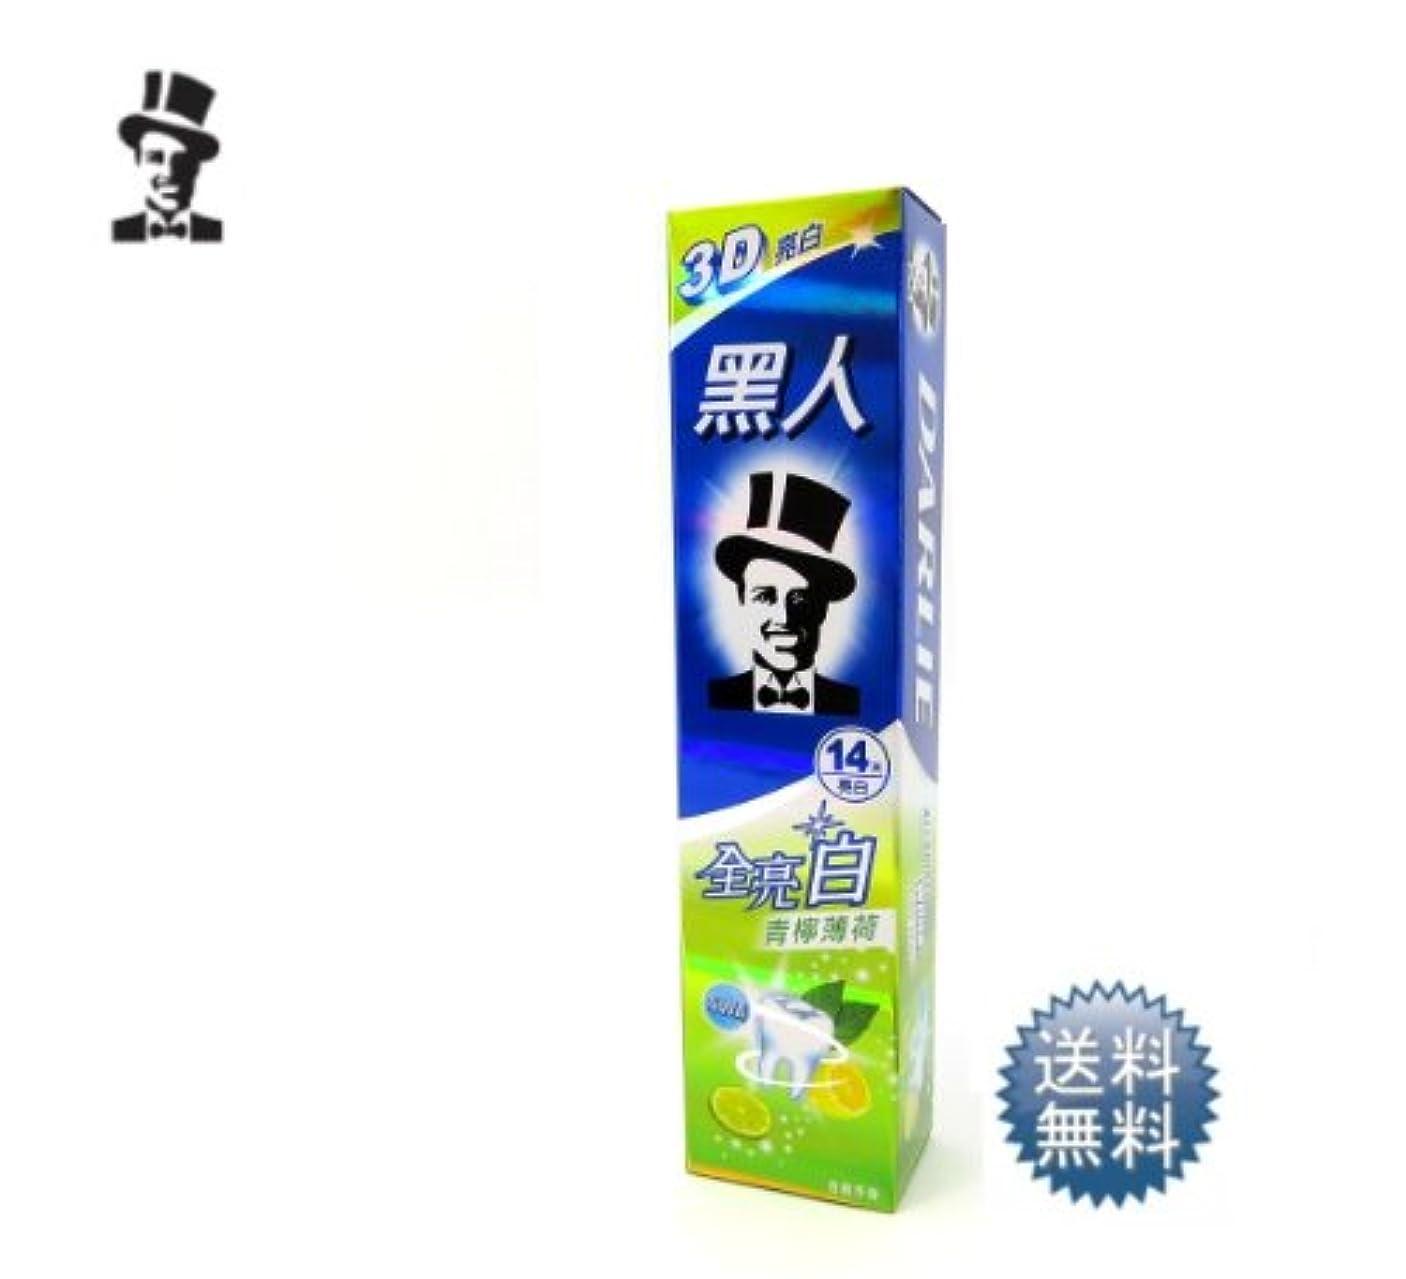 キャンディーうめき不適切な台湾 黒人 歯磨き 全亮白 青檸薄荷 140g